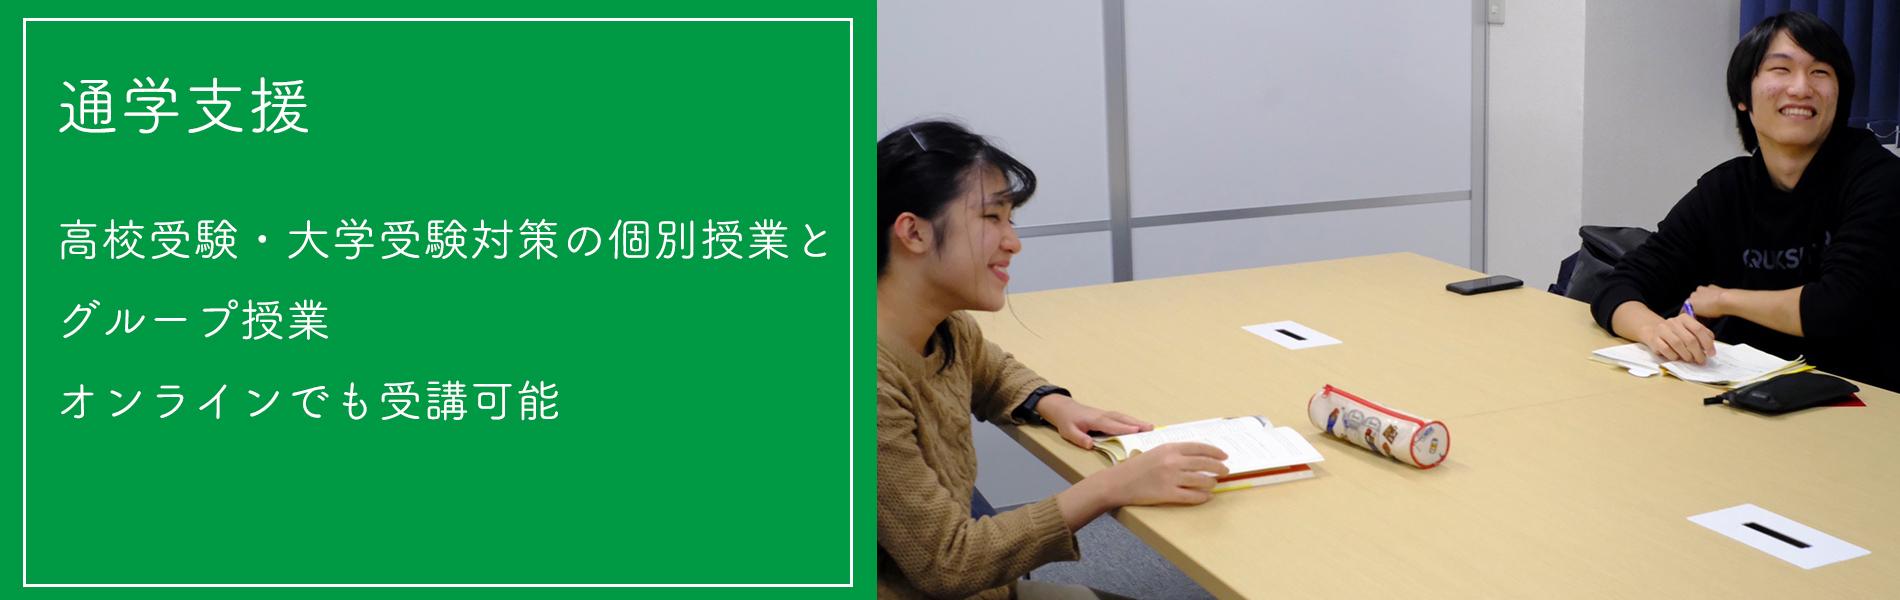 通学支援 高校受験・大学受験対策の個別授業とグループ授業 オンラインでも受講可能